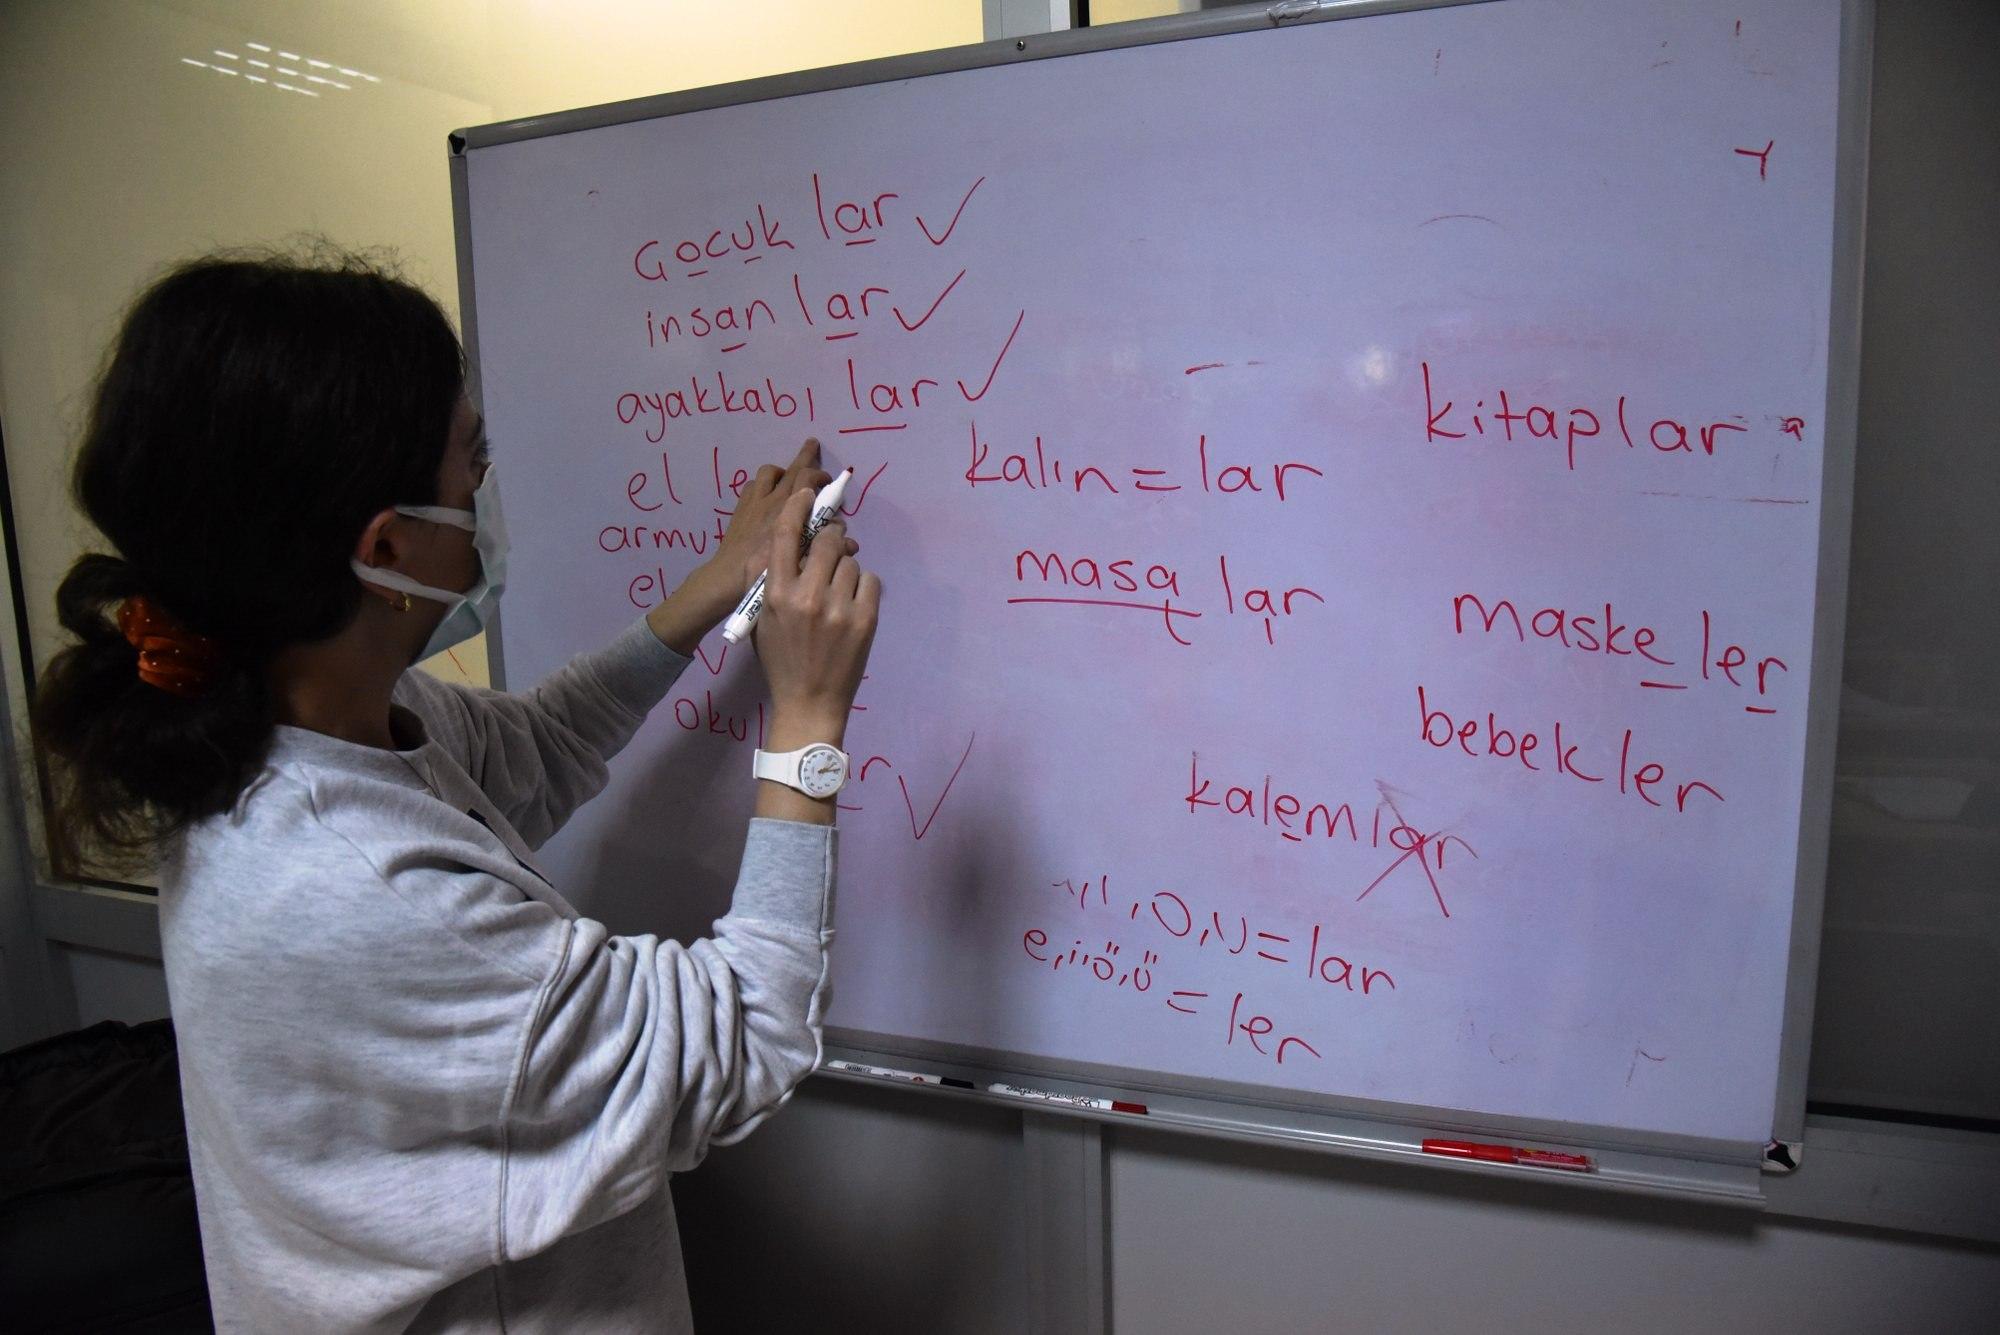 Mülteciler Yunusemre İle Türkçe Öğreniyorlar